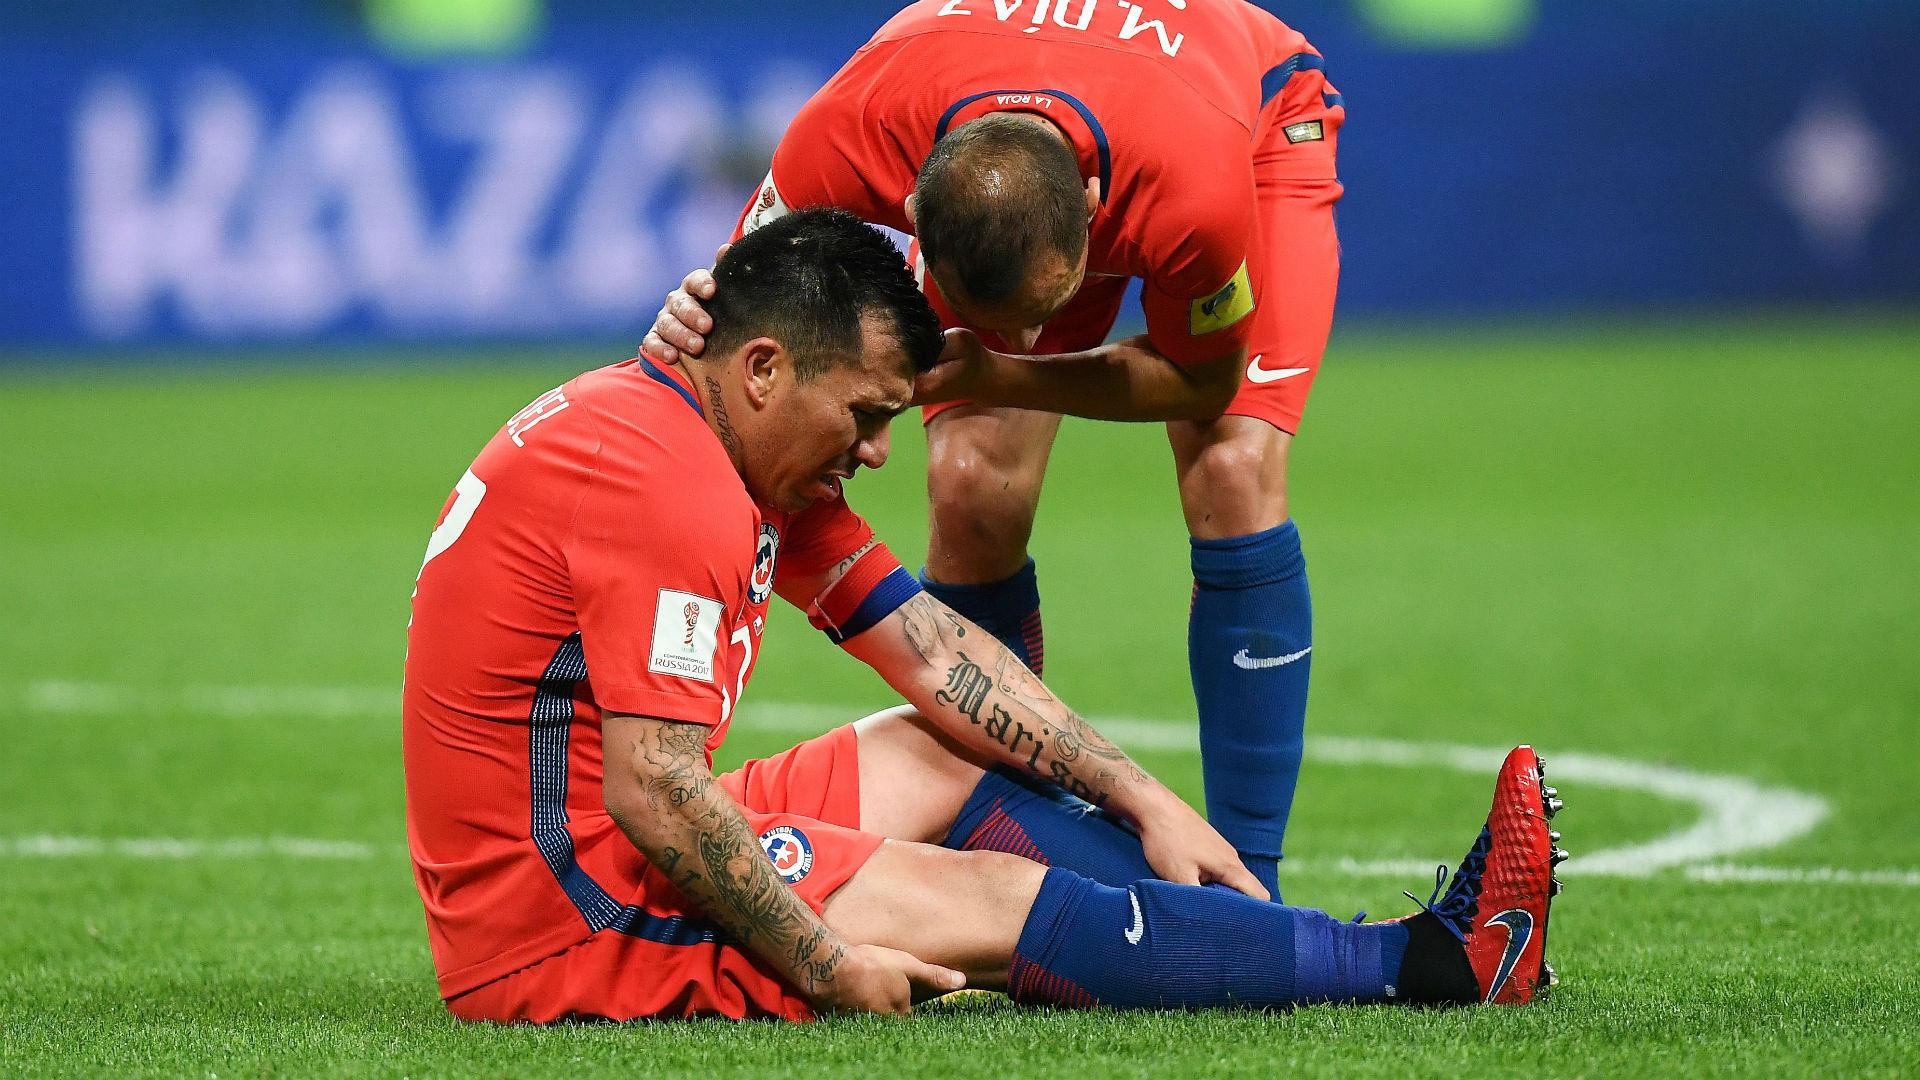 Asegura técnico de Chile que buscarán triunfo ante Portugal